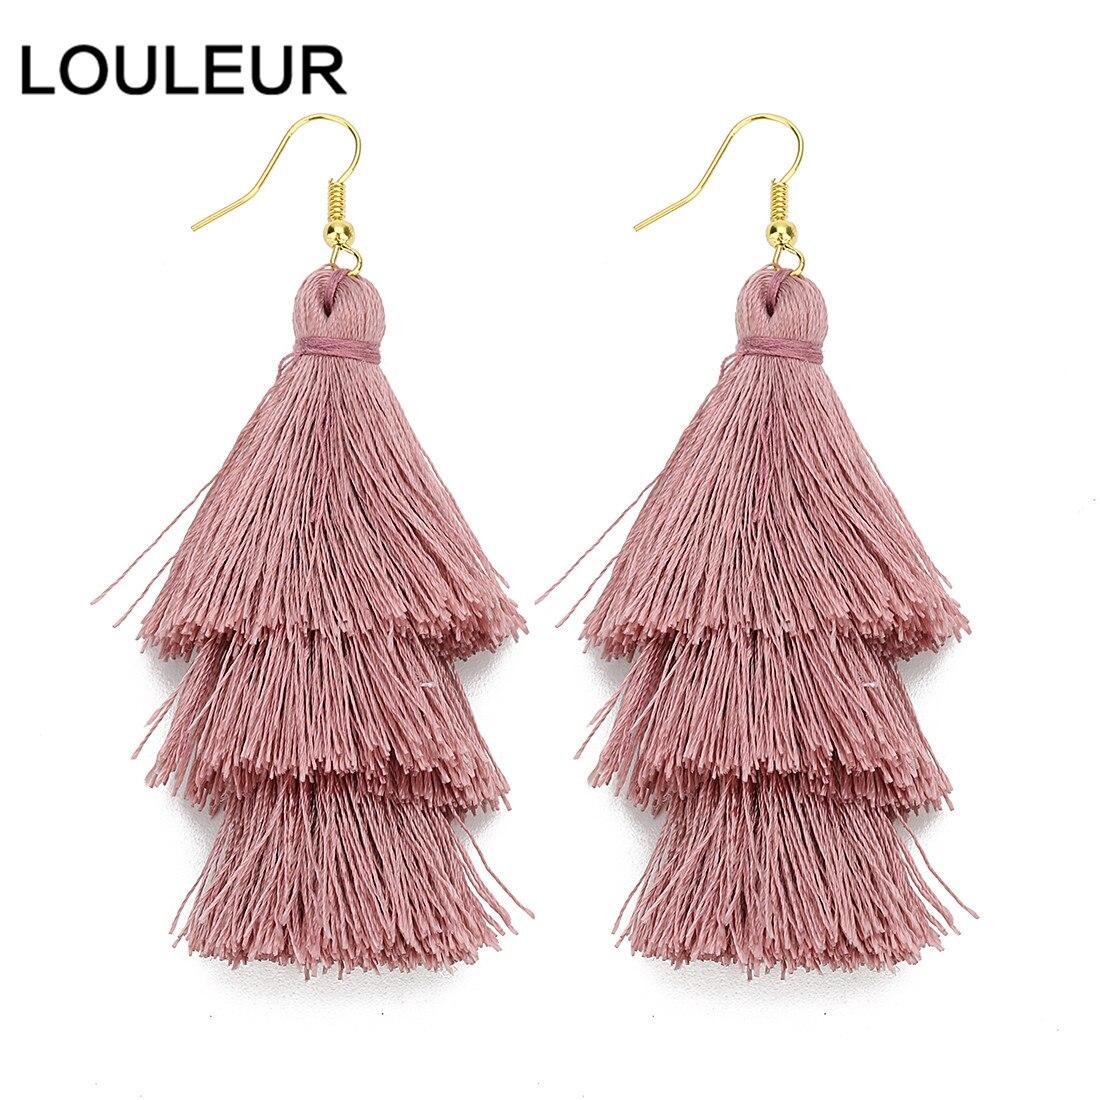 LOULEUR 3 Layered Bohemian Fringed Cheap Statement Tassel Earrings AFor Women Long Drop Dangle Earrings 2019 Boho Indian Jewelry